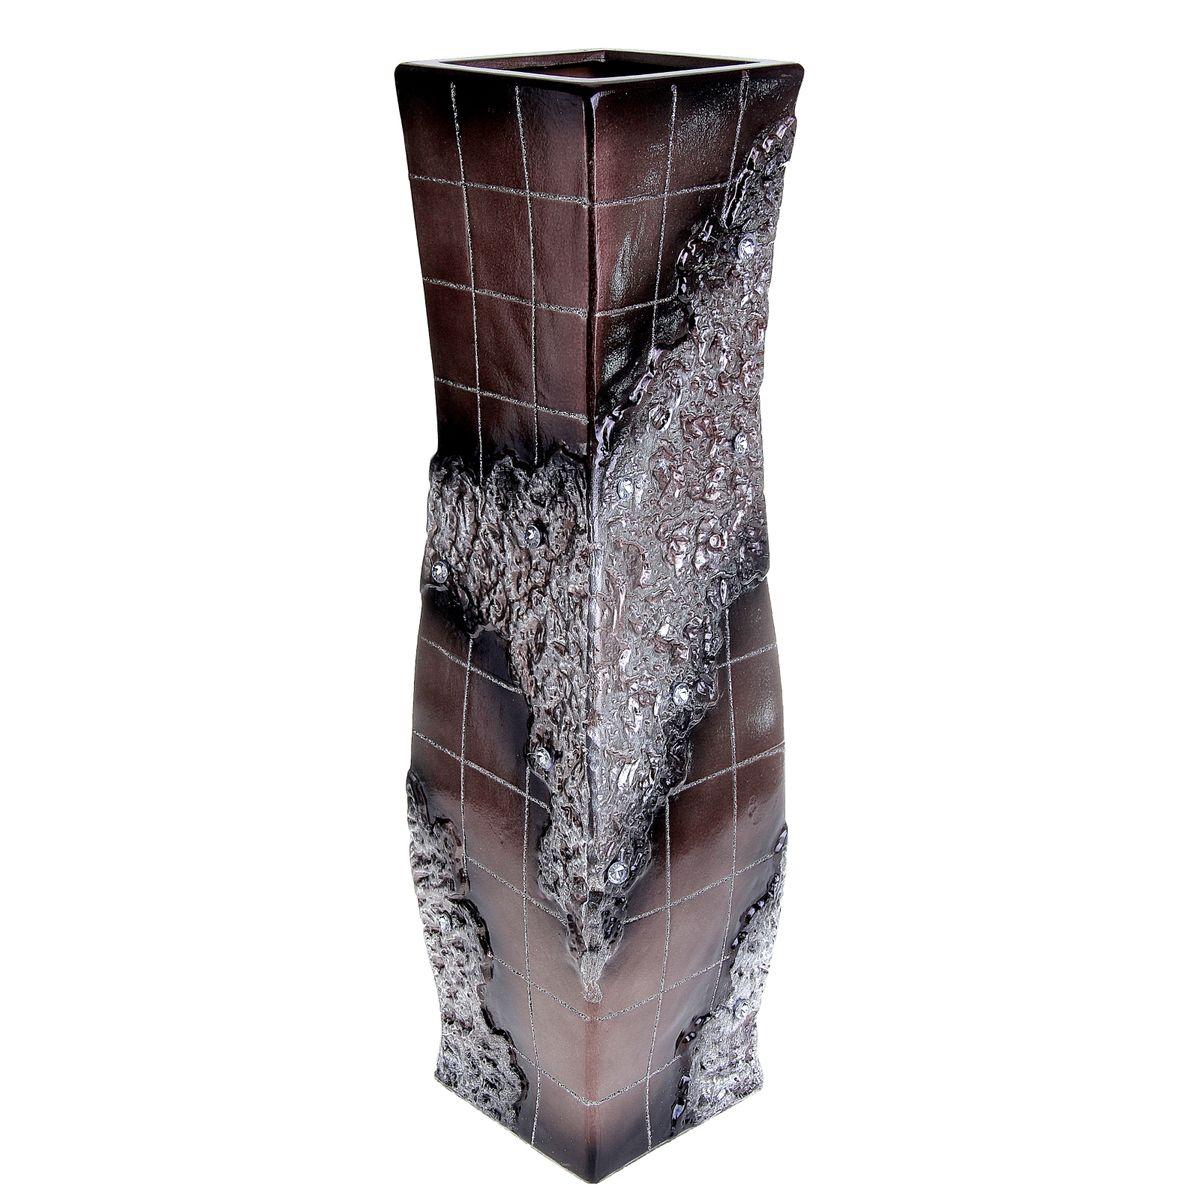 Ваза напольная Sima-land Цветочная плитка, высота 60 см913548Напольная ваза Sima-land Цветочная плитка, выполненная из керамики, станет изысканным украшением интерьера. Она предназначена как для живых, так и для искусственных цветов. Изделие декорировано блестками и стразами. Интересная форма и необычное оформление сделают эту вазу замечательным украшением интерьера. Любое помещение выглядит незавершенным без правильно расположенных предметов интерьера. Они помогают создать уют, расставить акценты, подчеркнуть достоинства или скрыть недостатки.